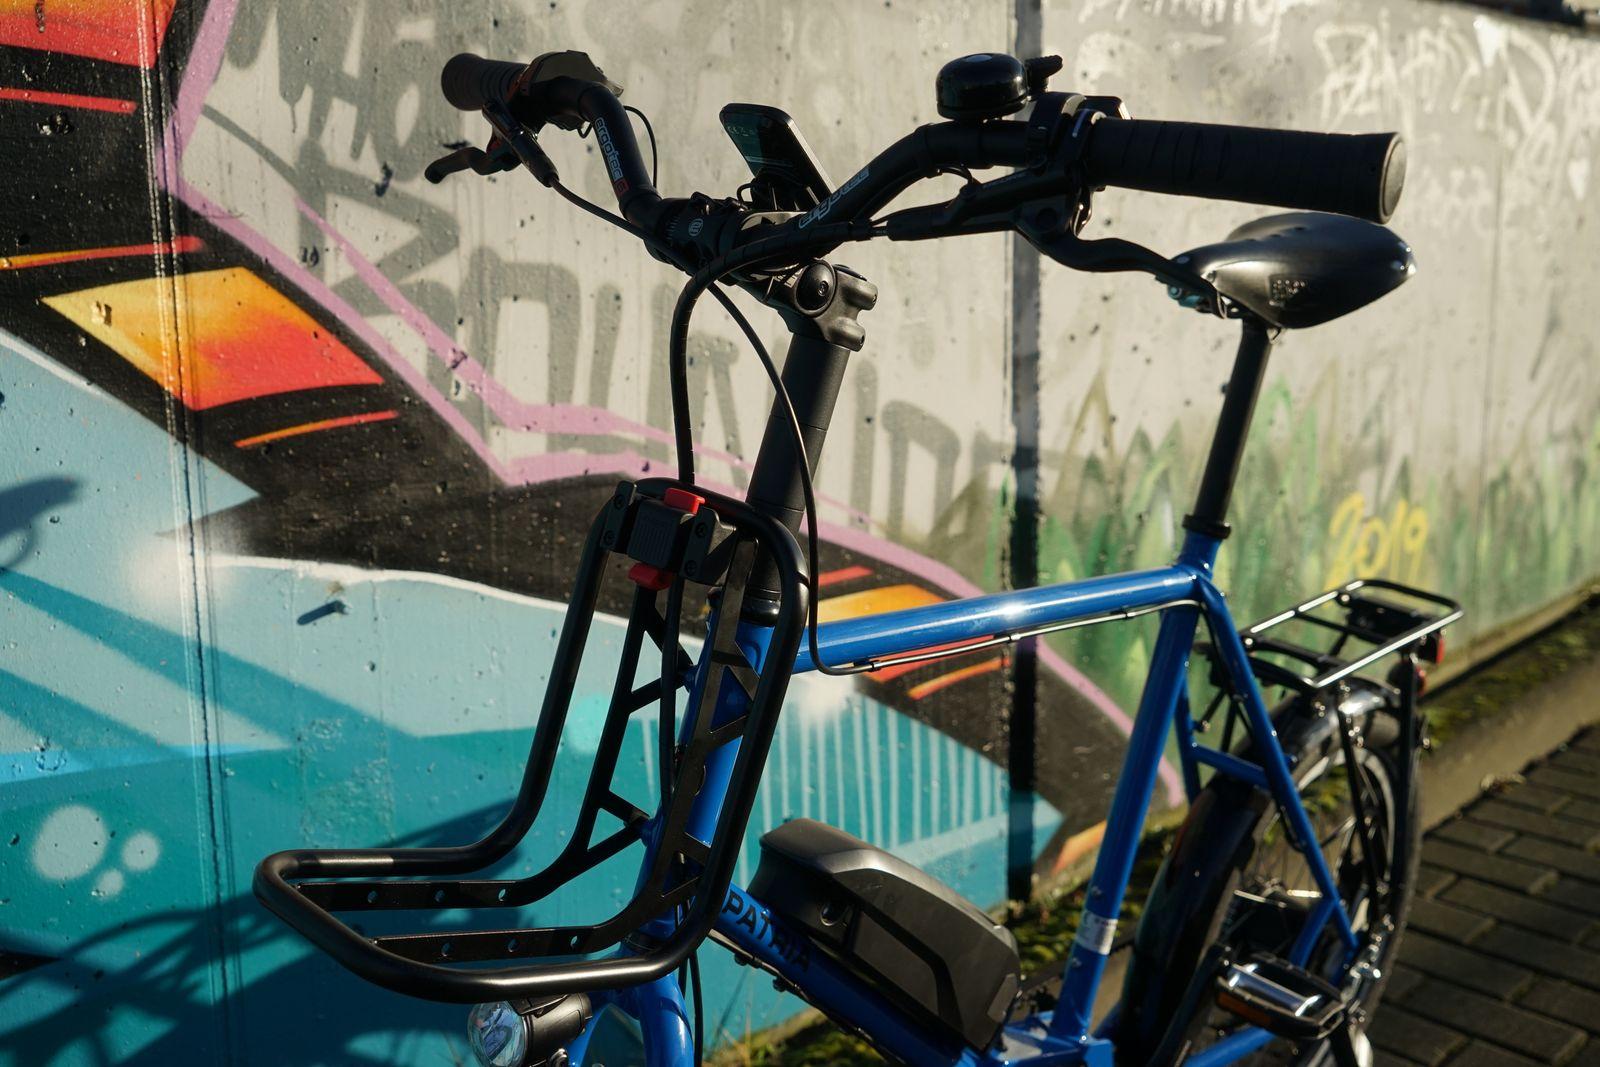 Patria E-Bike